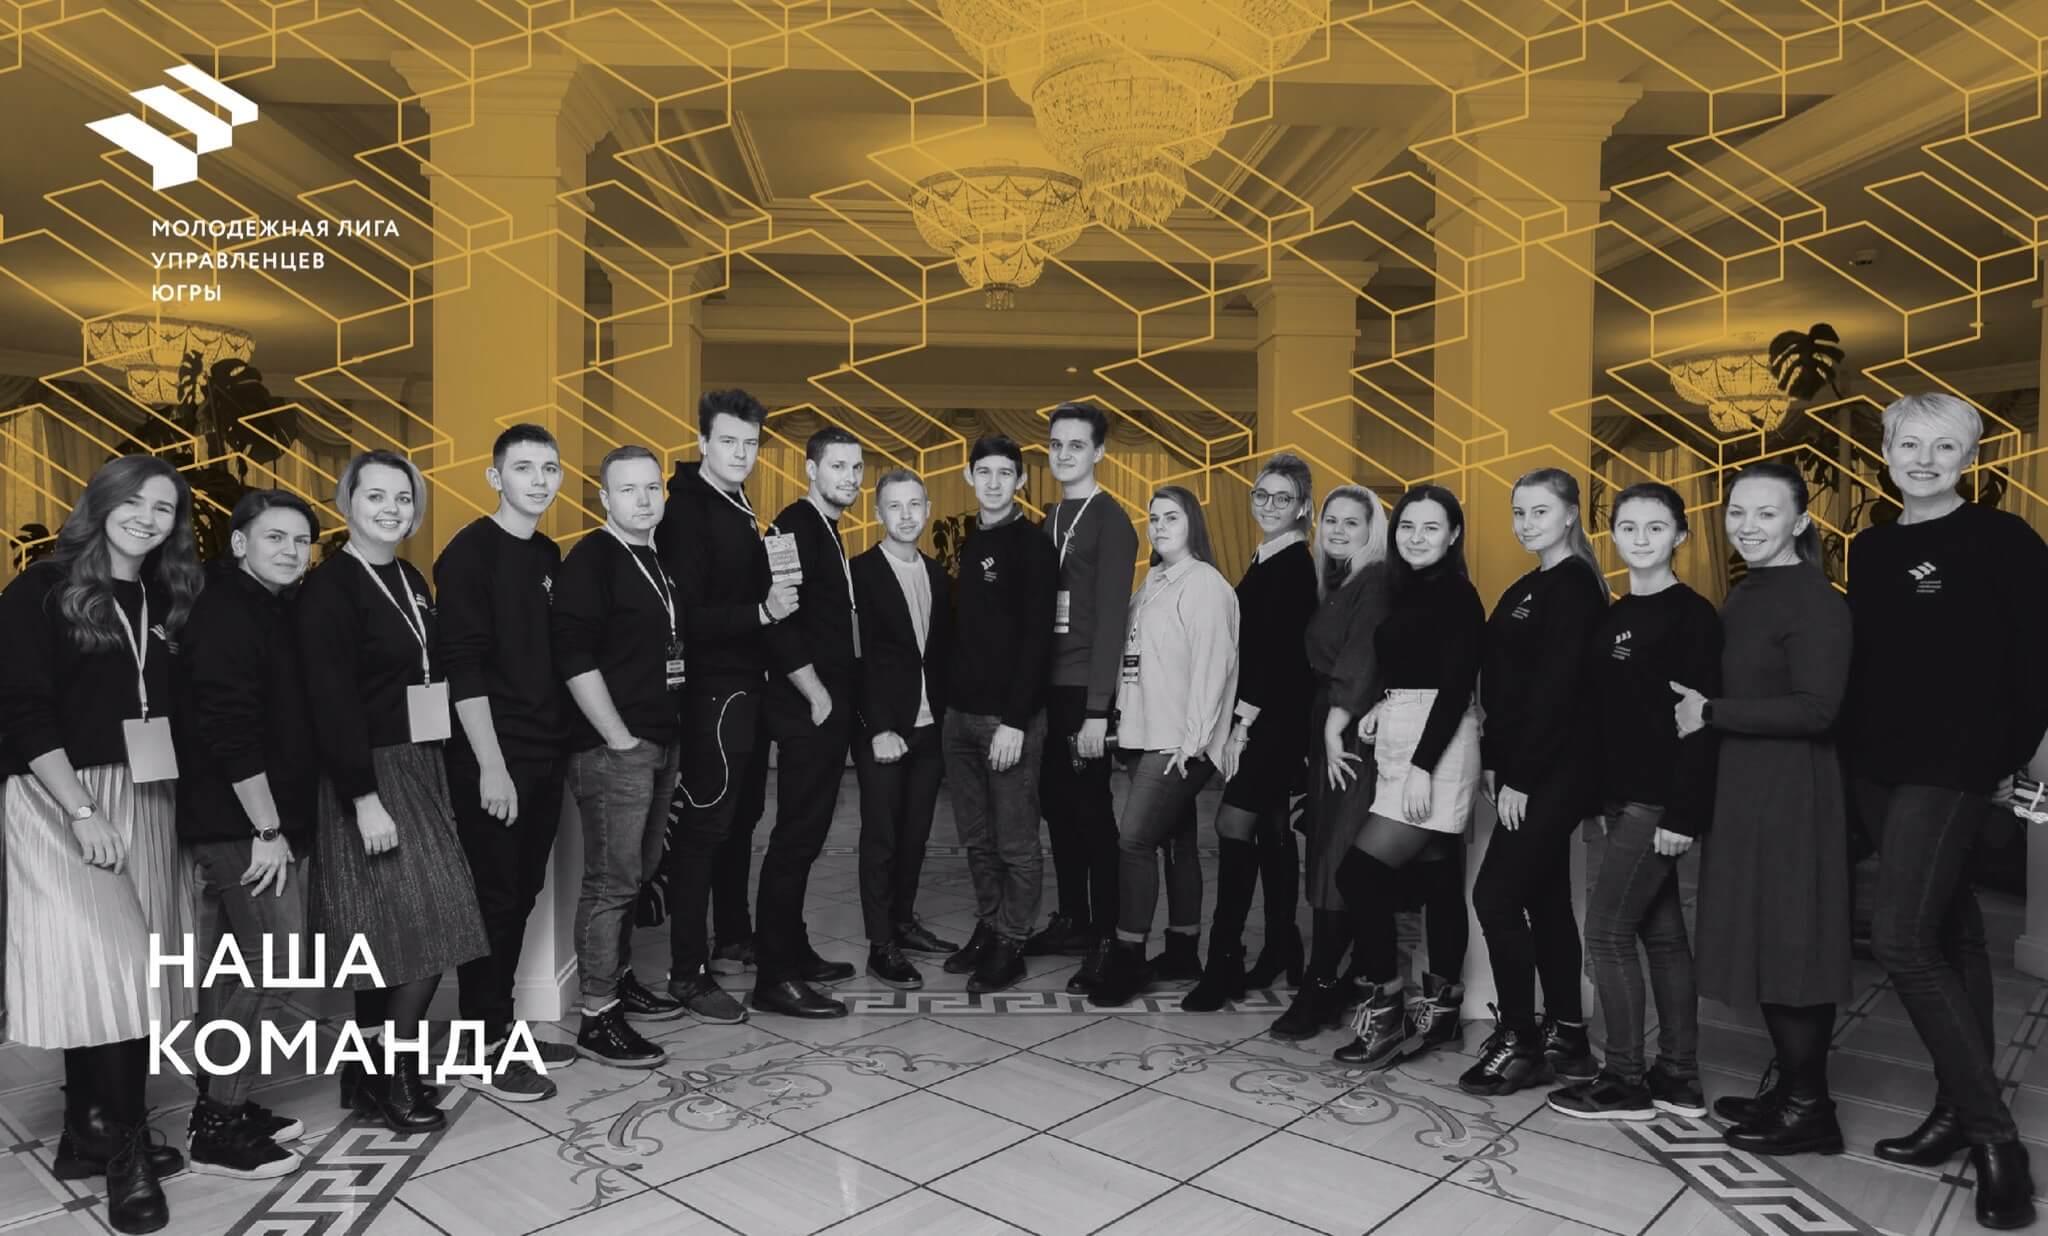 «Молодежная лига управленцев Югры» в Югорске